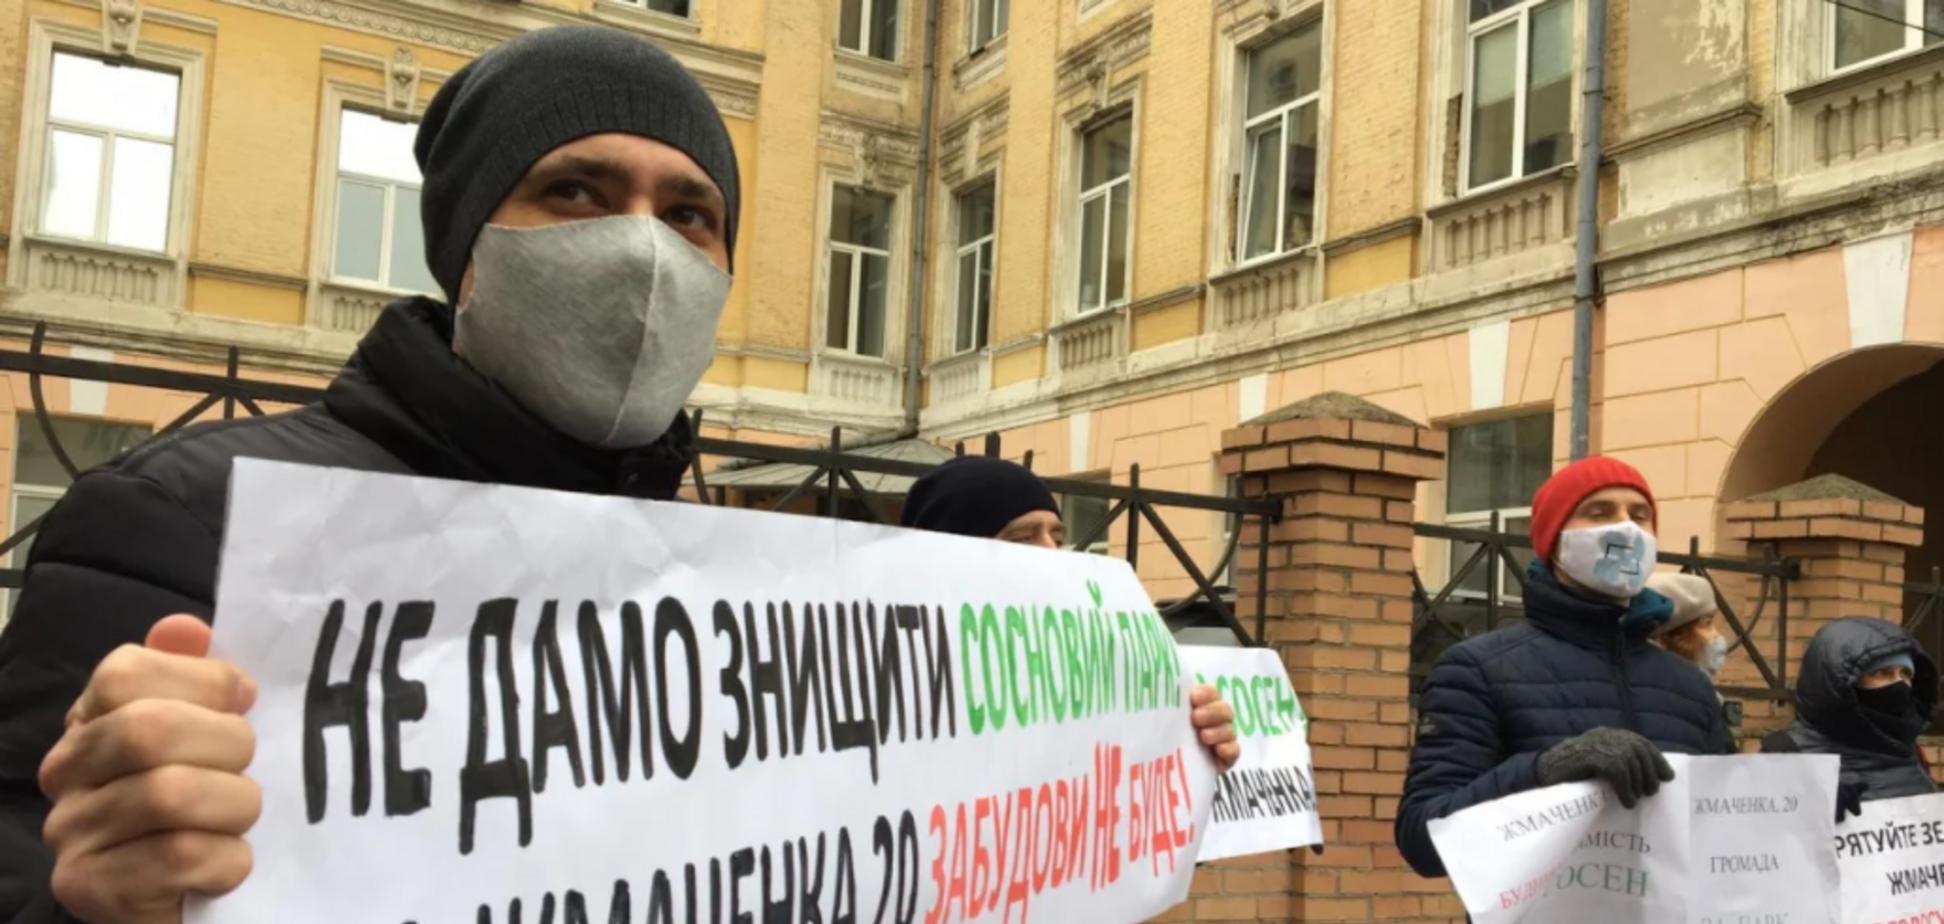 Парк на Жмаченко в Киеве оказался под угрозой застройки Интеграл-Буда: активисты вышли на протест